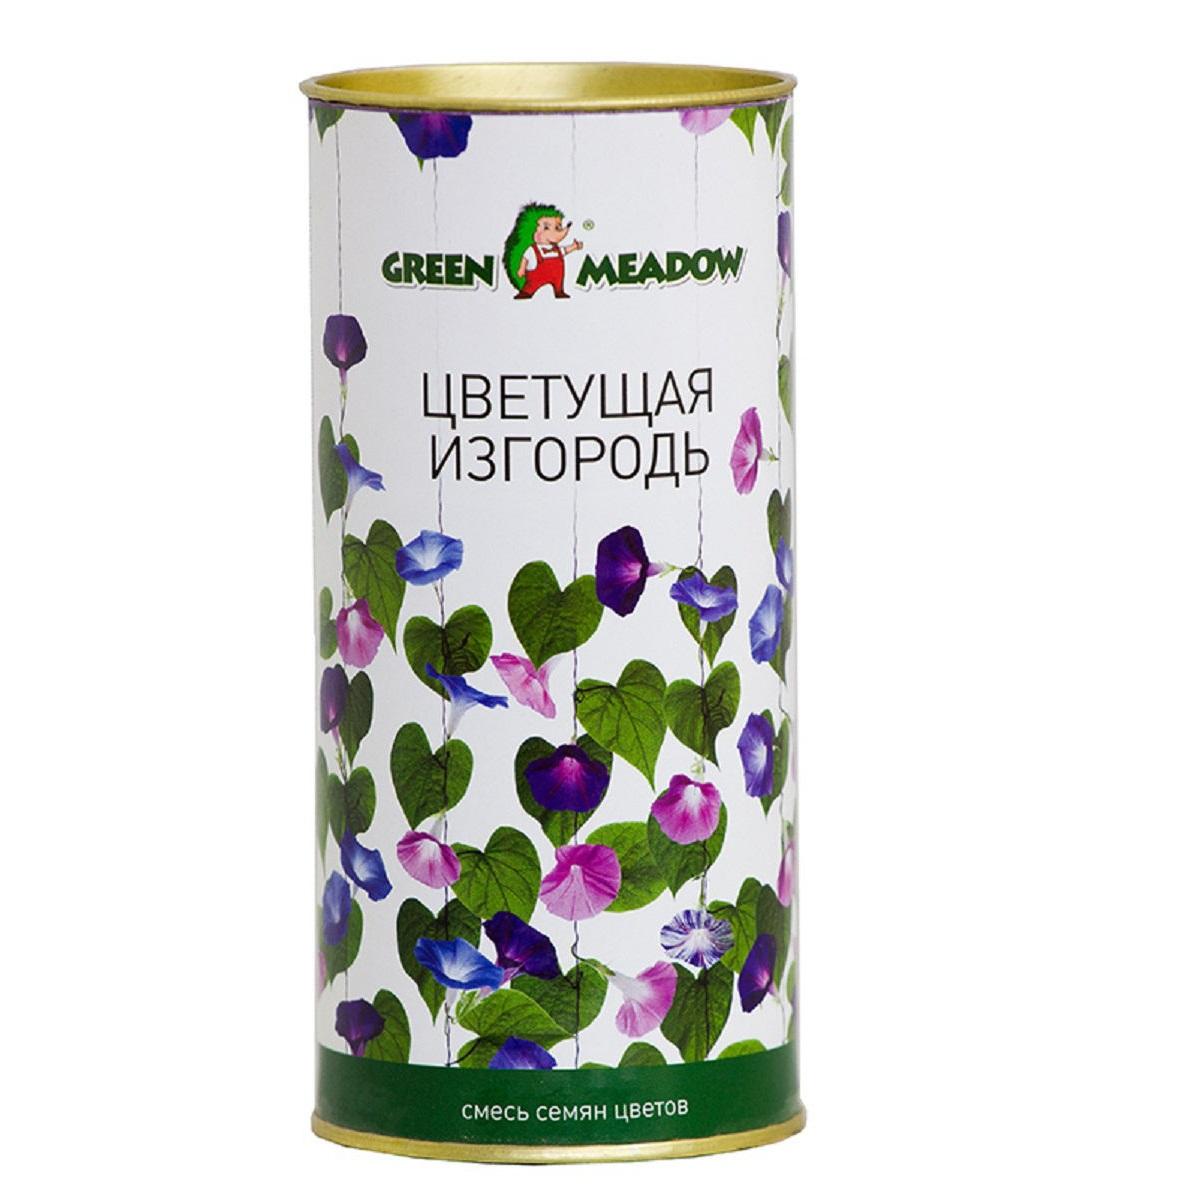 Смесь цветов Green Meadow цветущая изгородь 0.05 кг